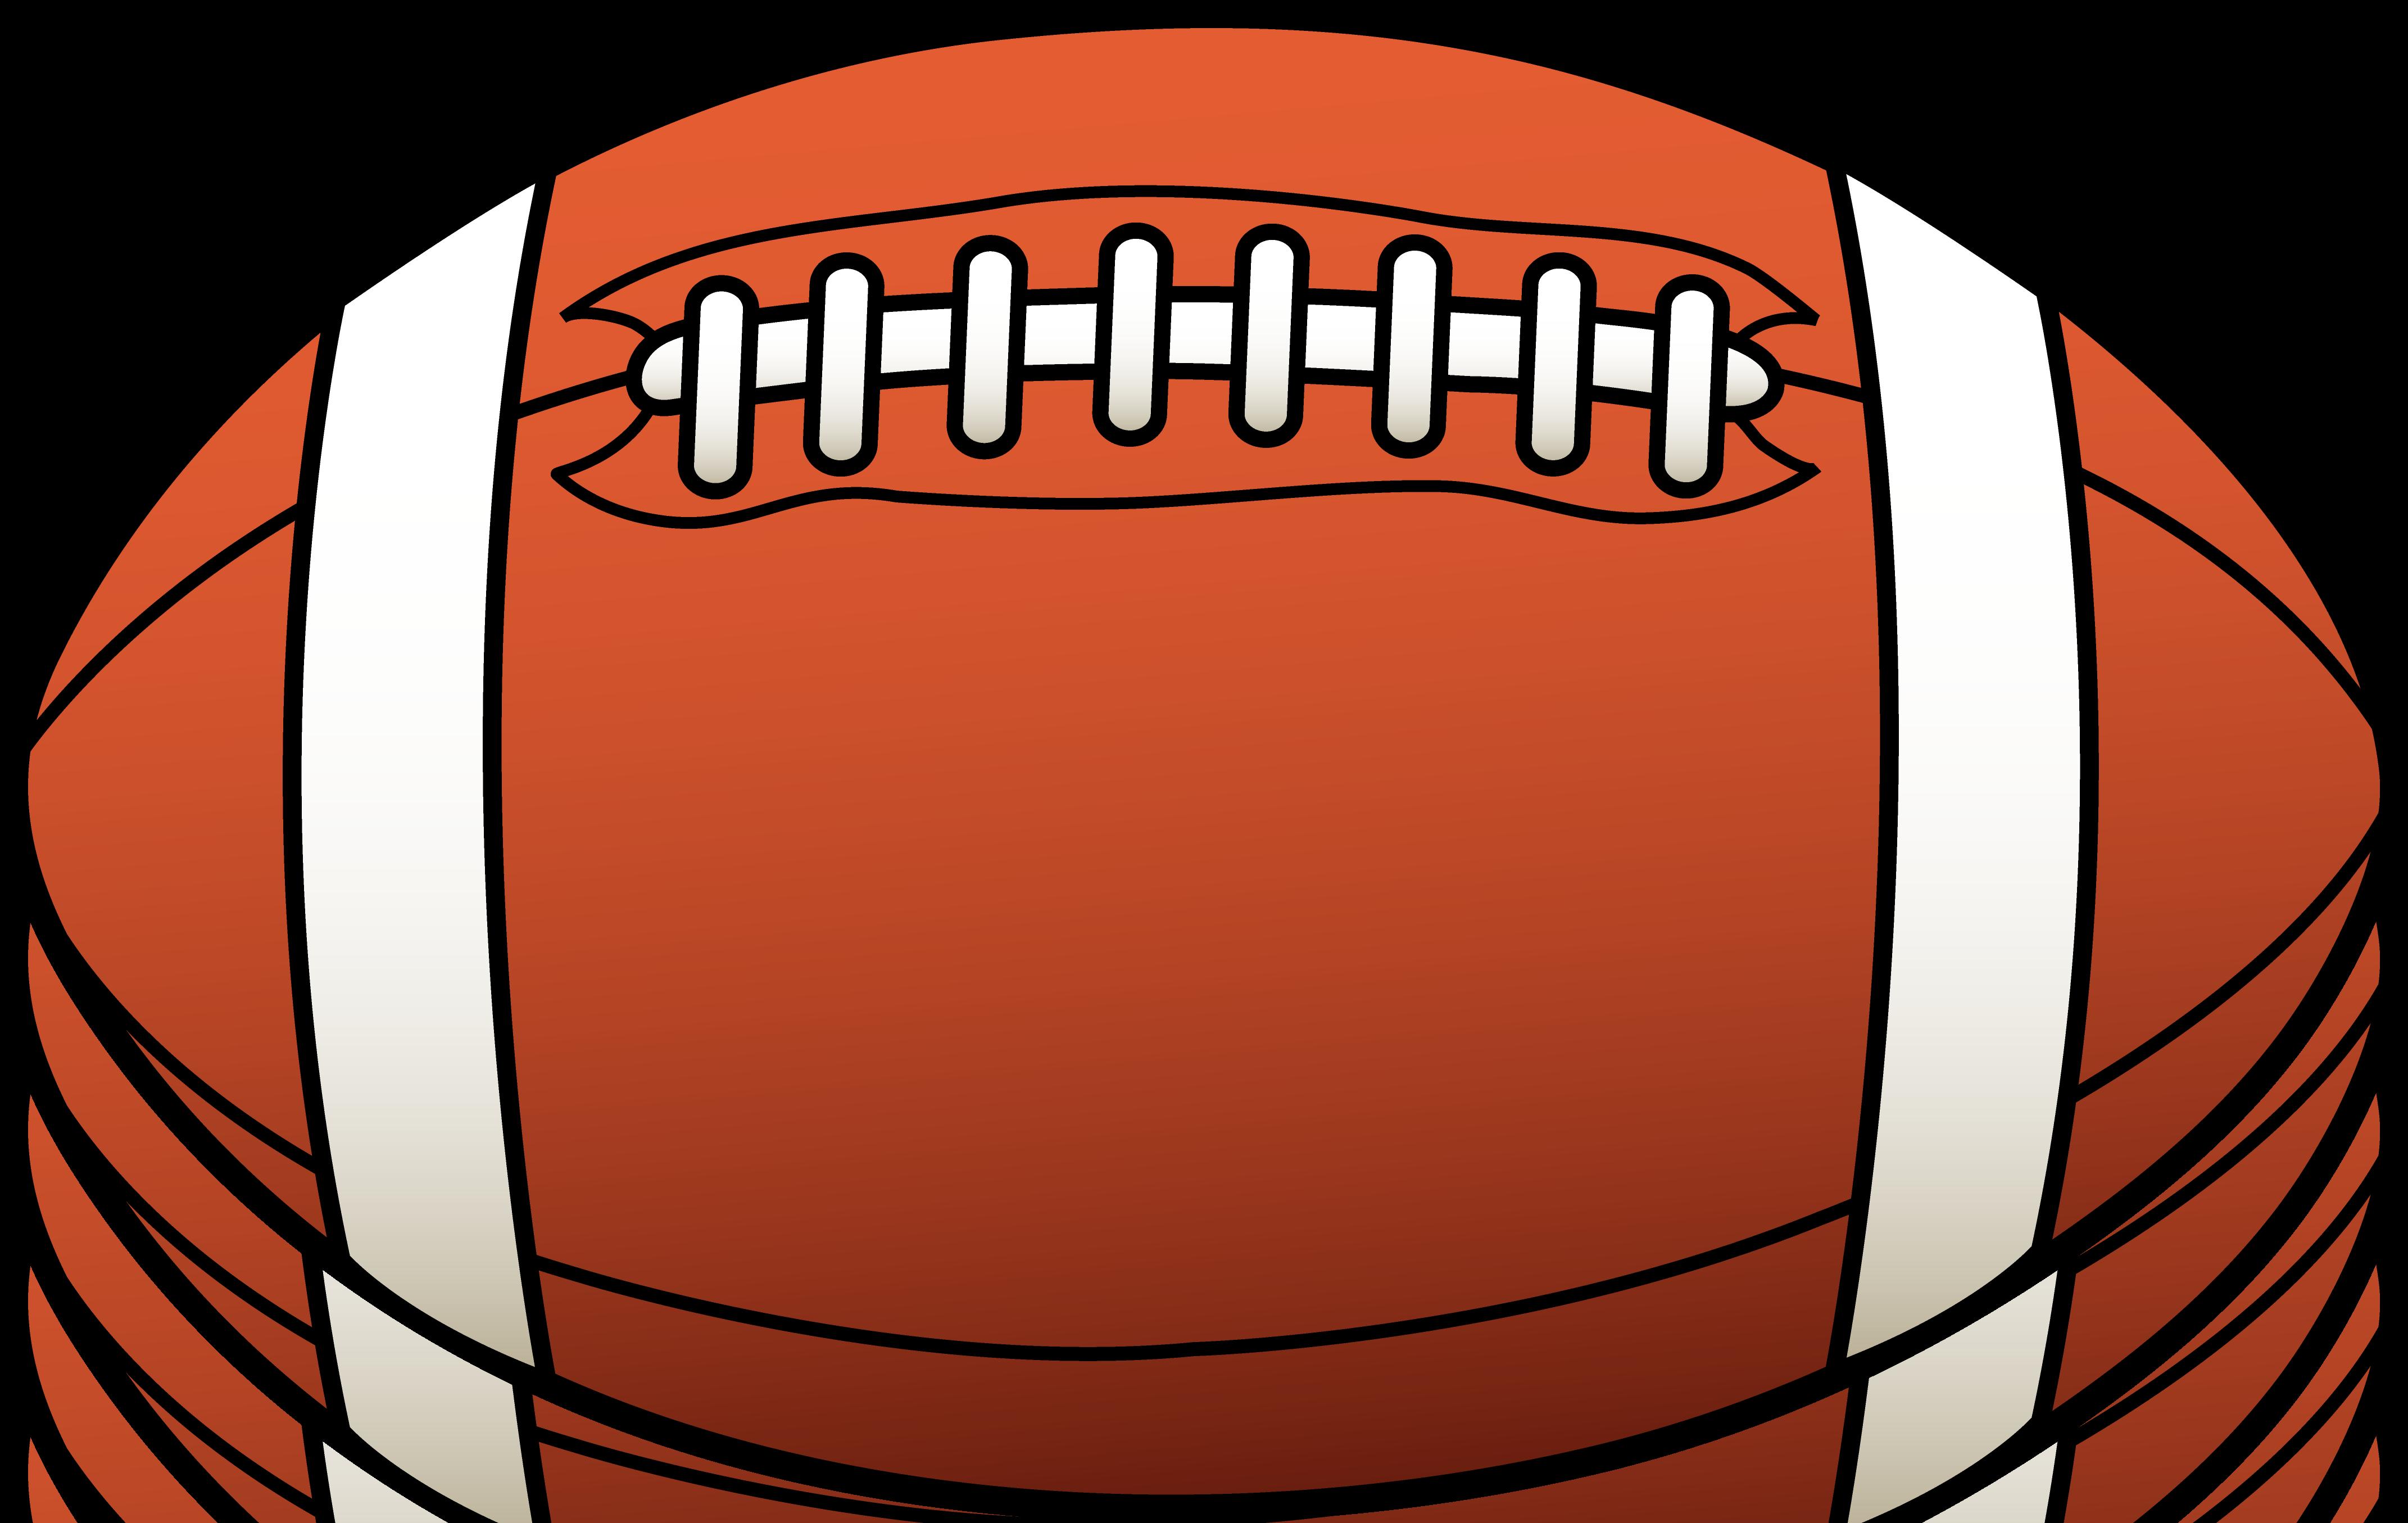 Football clipart #14